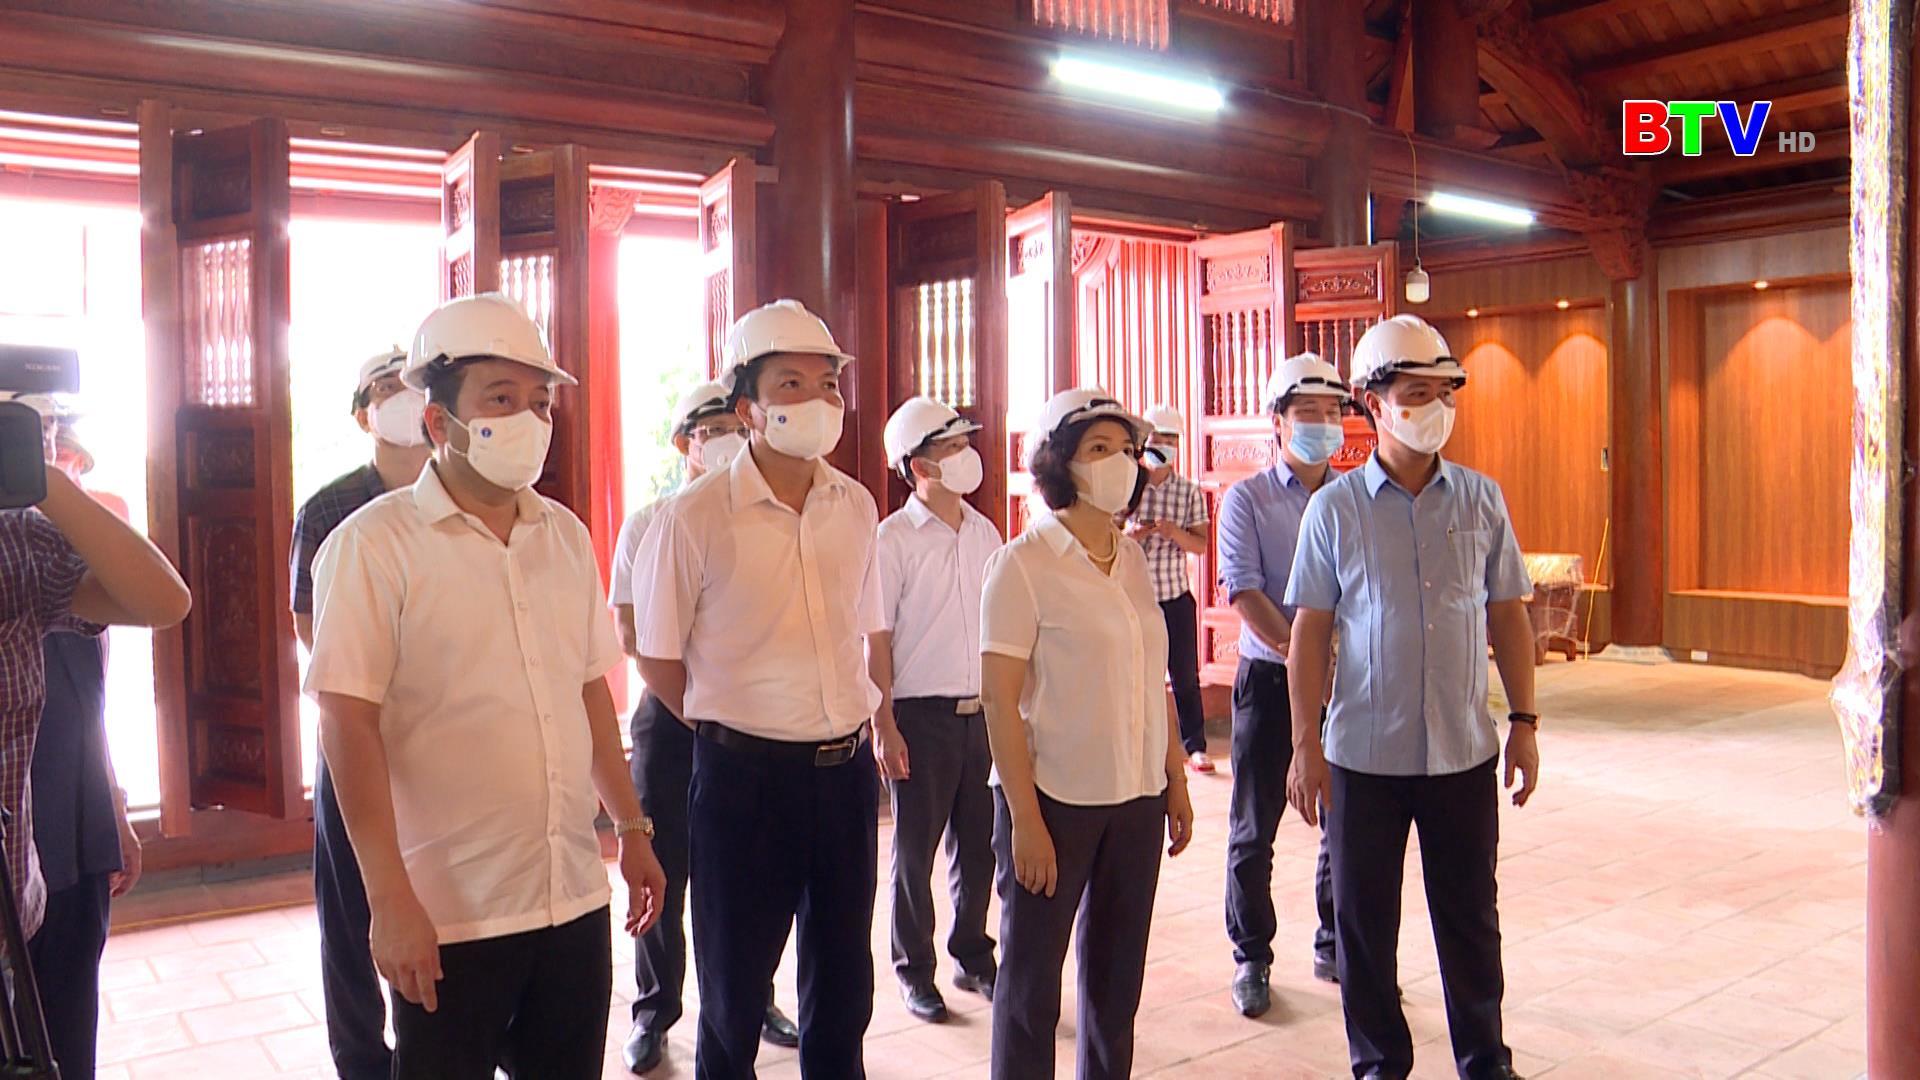 Chủ tịch UBND tỉnh kiểm tra công tác chuẩn bị tổ chức Lễ kỷ niệm 100 năm ngày sinh đồng chí Lê Quang Đạo